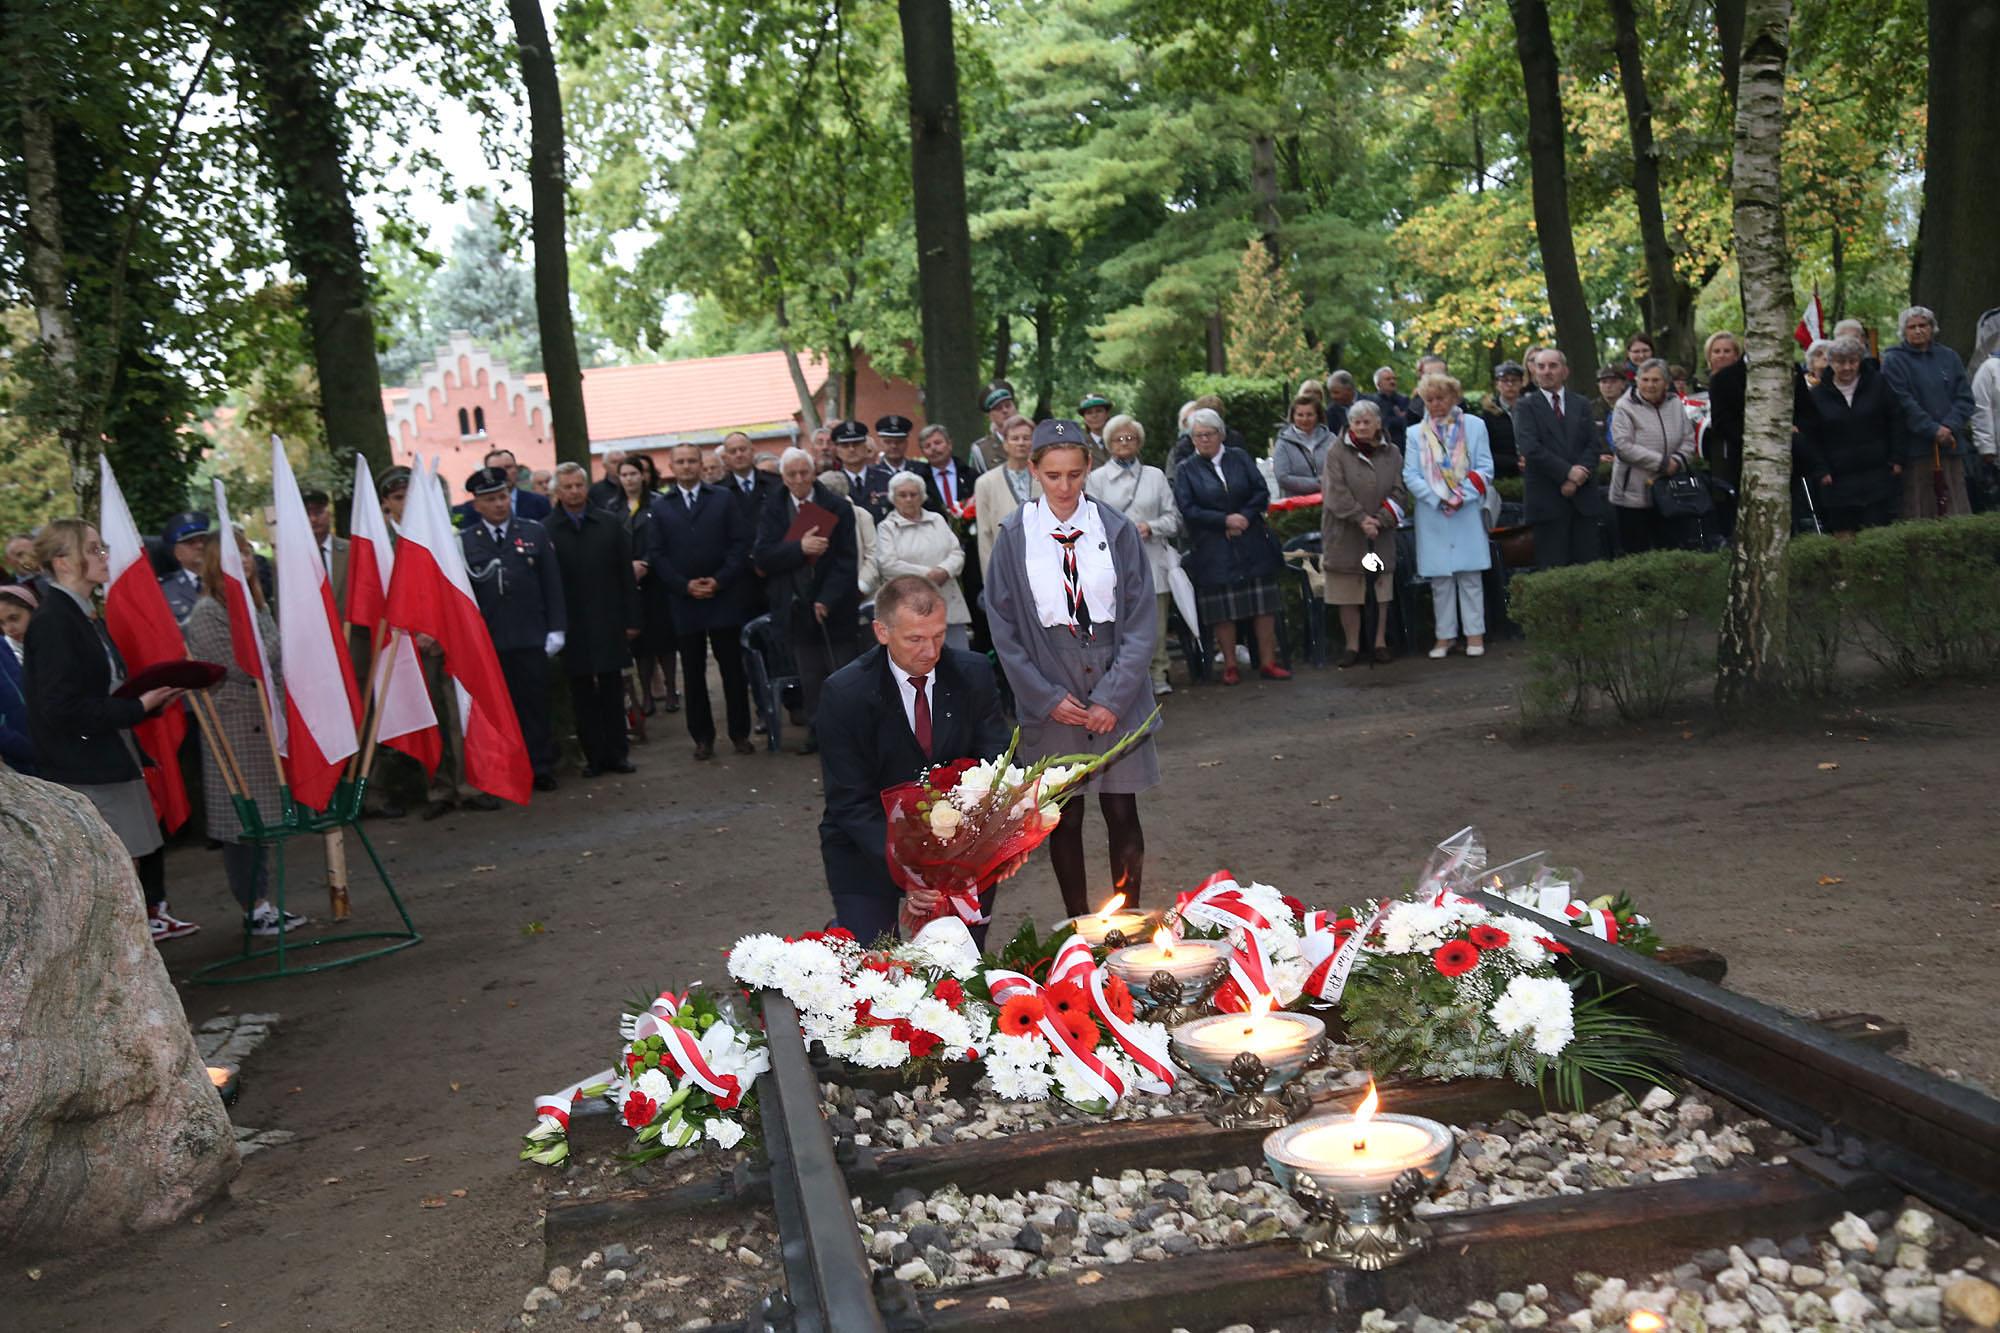 Na zdjęciu klęczący mężczyzna składający kwiaty pod pomnikiem. Obok niego stoi harcerka